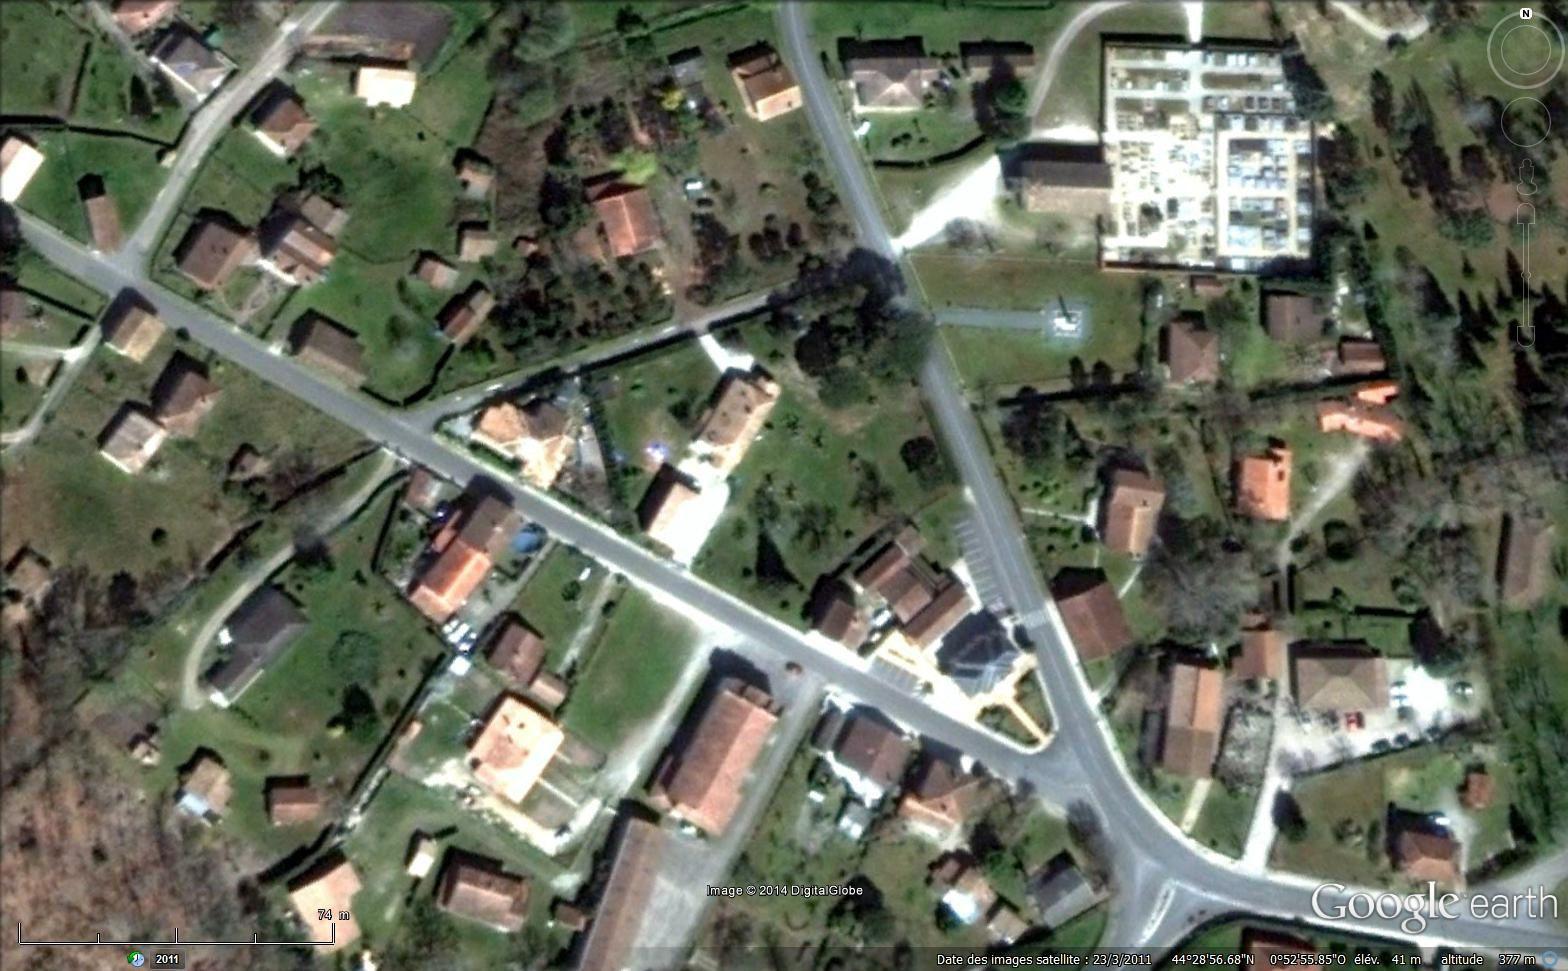 1. Le centre du bourg de Lugos : au NE, on voit l'église et le cimetière.   2. Lotissement récent.